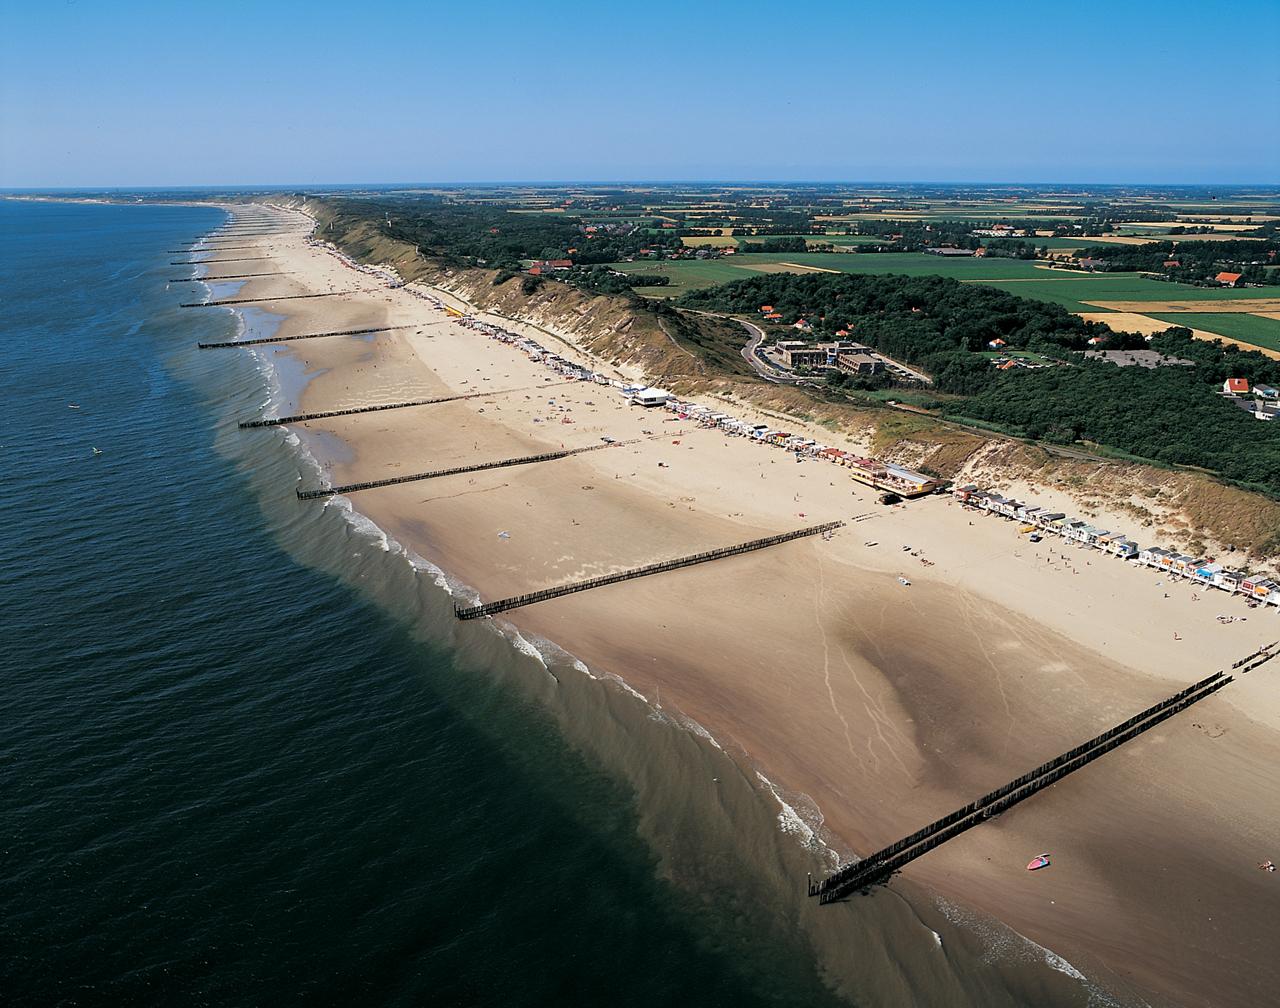 более древние голландия фото пляжи очень прост